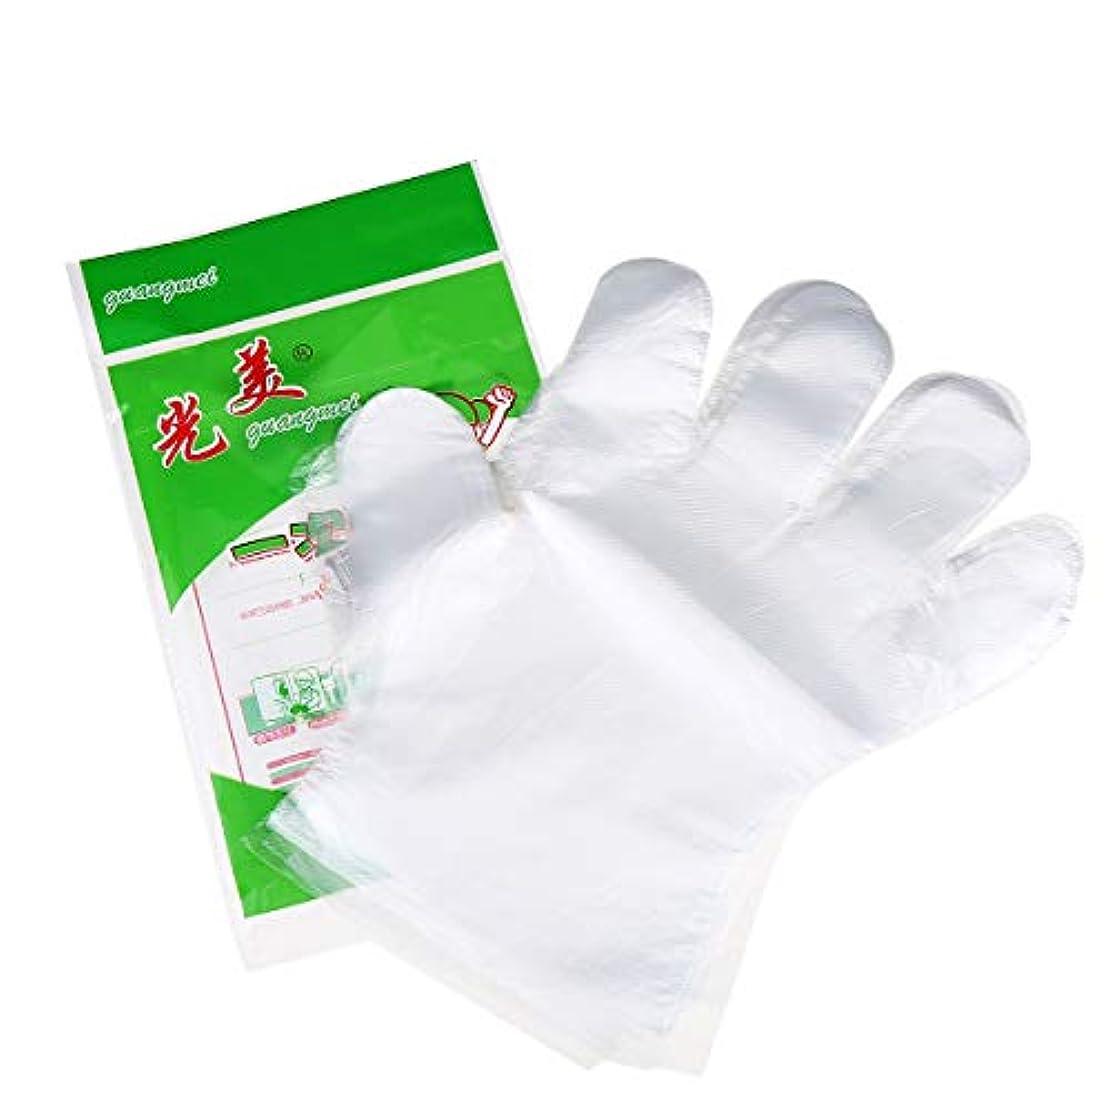 タバコおもちゃフロンティア使い捨て手袋 極薄ビニール手袋 ポリエチレン 透明 実用 衛生 100枚セット極薄手袋 調理に?お掃除に?毛染めに